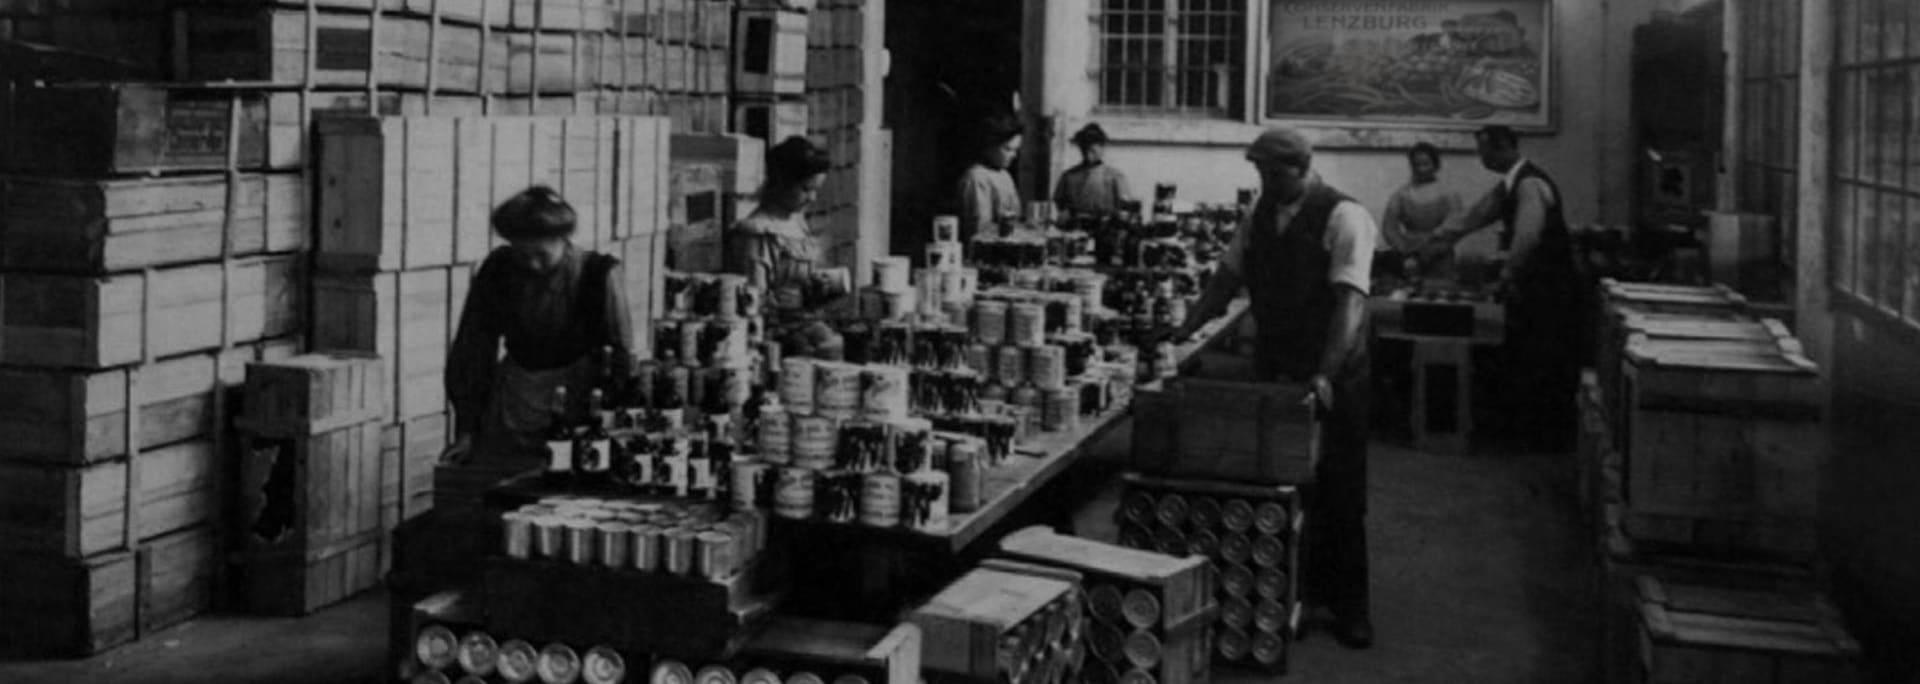 Die Erbsendosen werden in der alten Fabrik abgefüllt